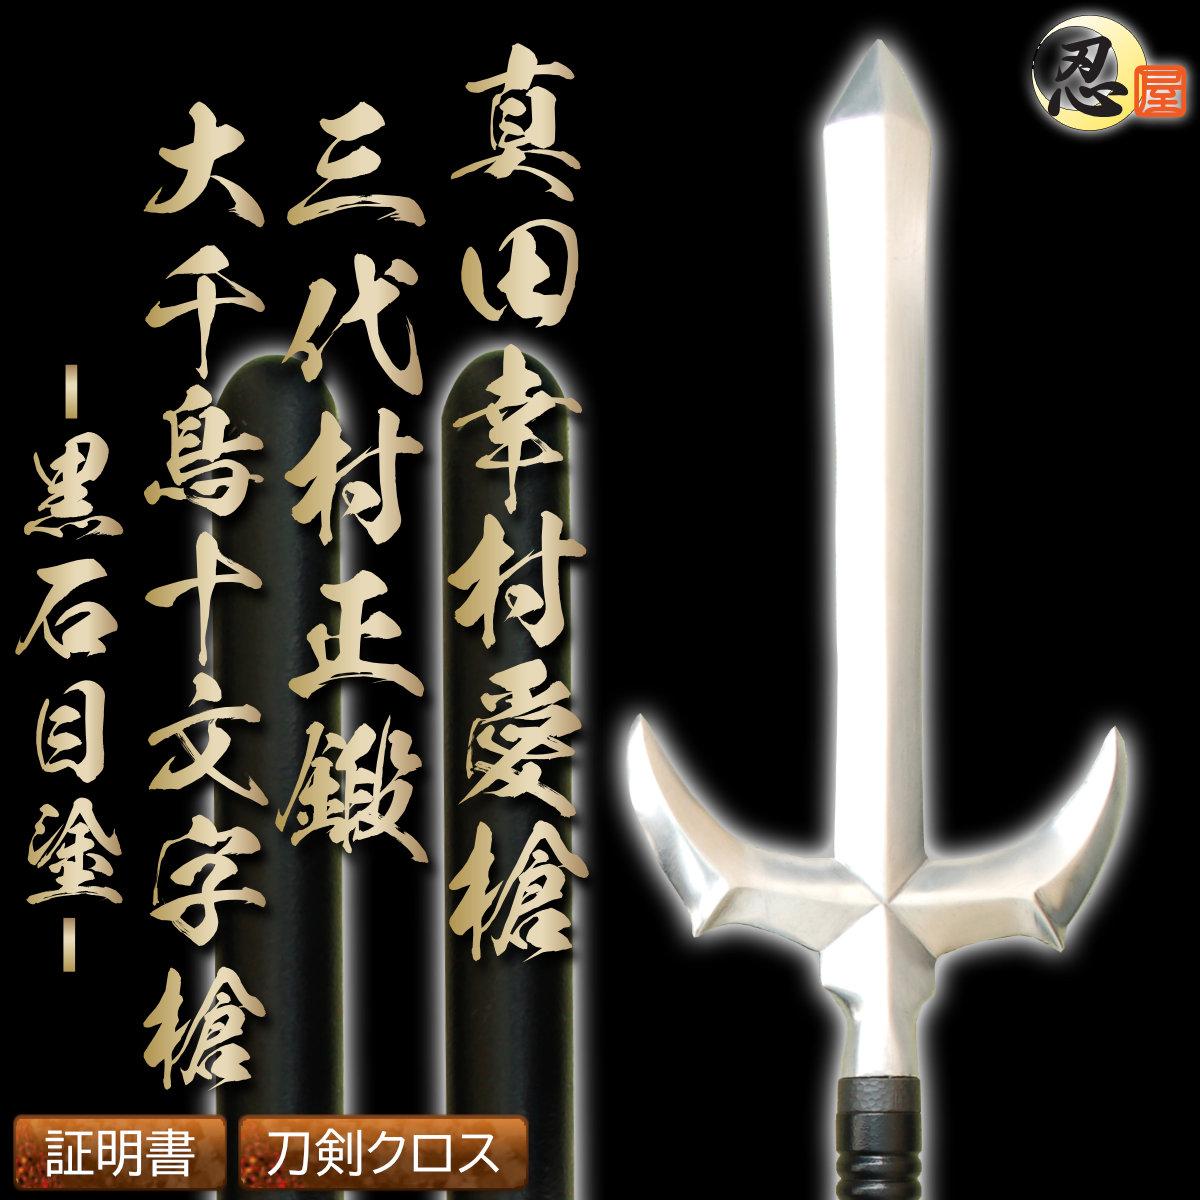 槍・薙刀 真田幸村黒槍 三代村正鍛 大千鳥十字槍 数量限定即納品!